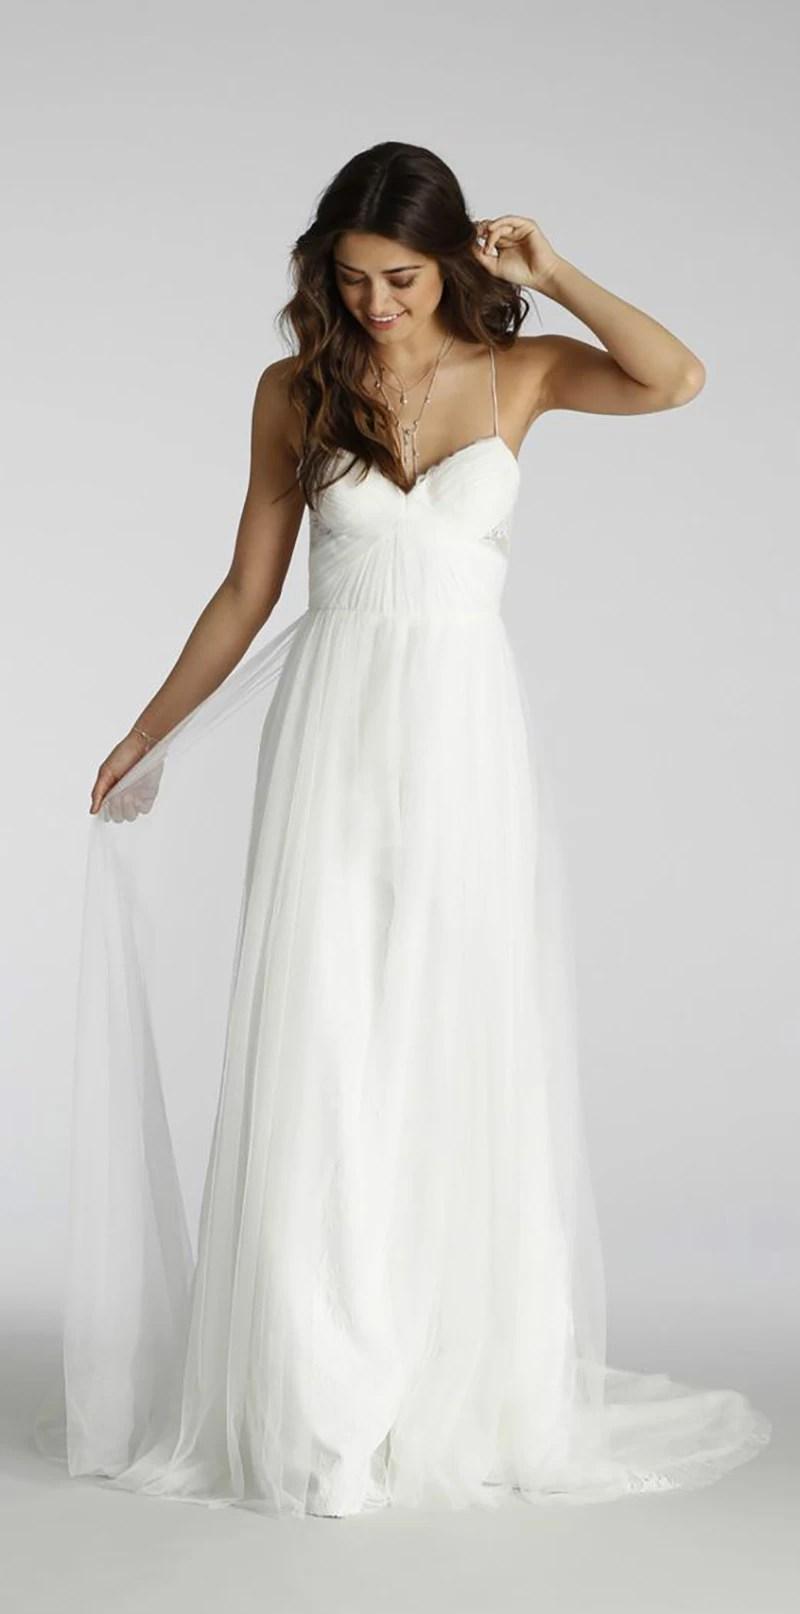 Vestido De Noiva Simples 20 Modelos Minimalistas Para Amar